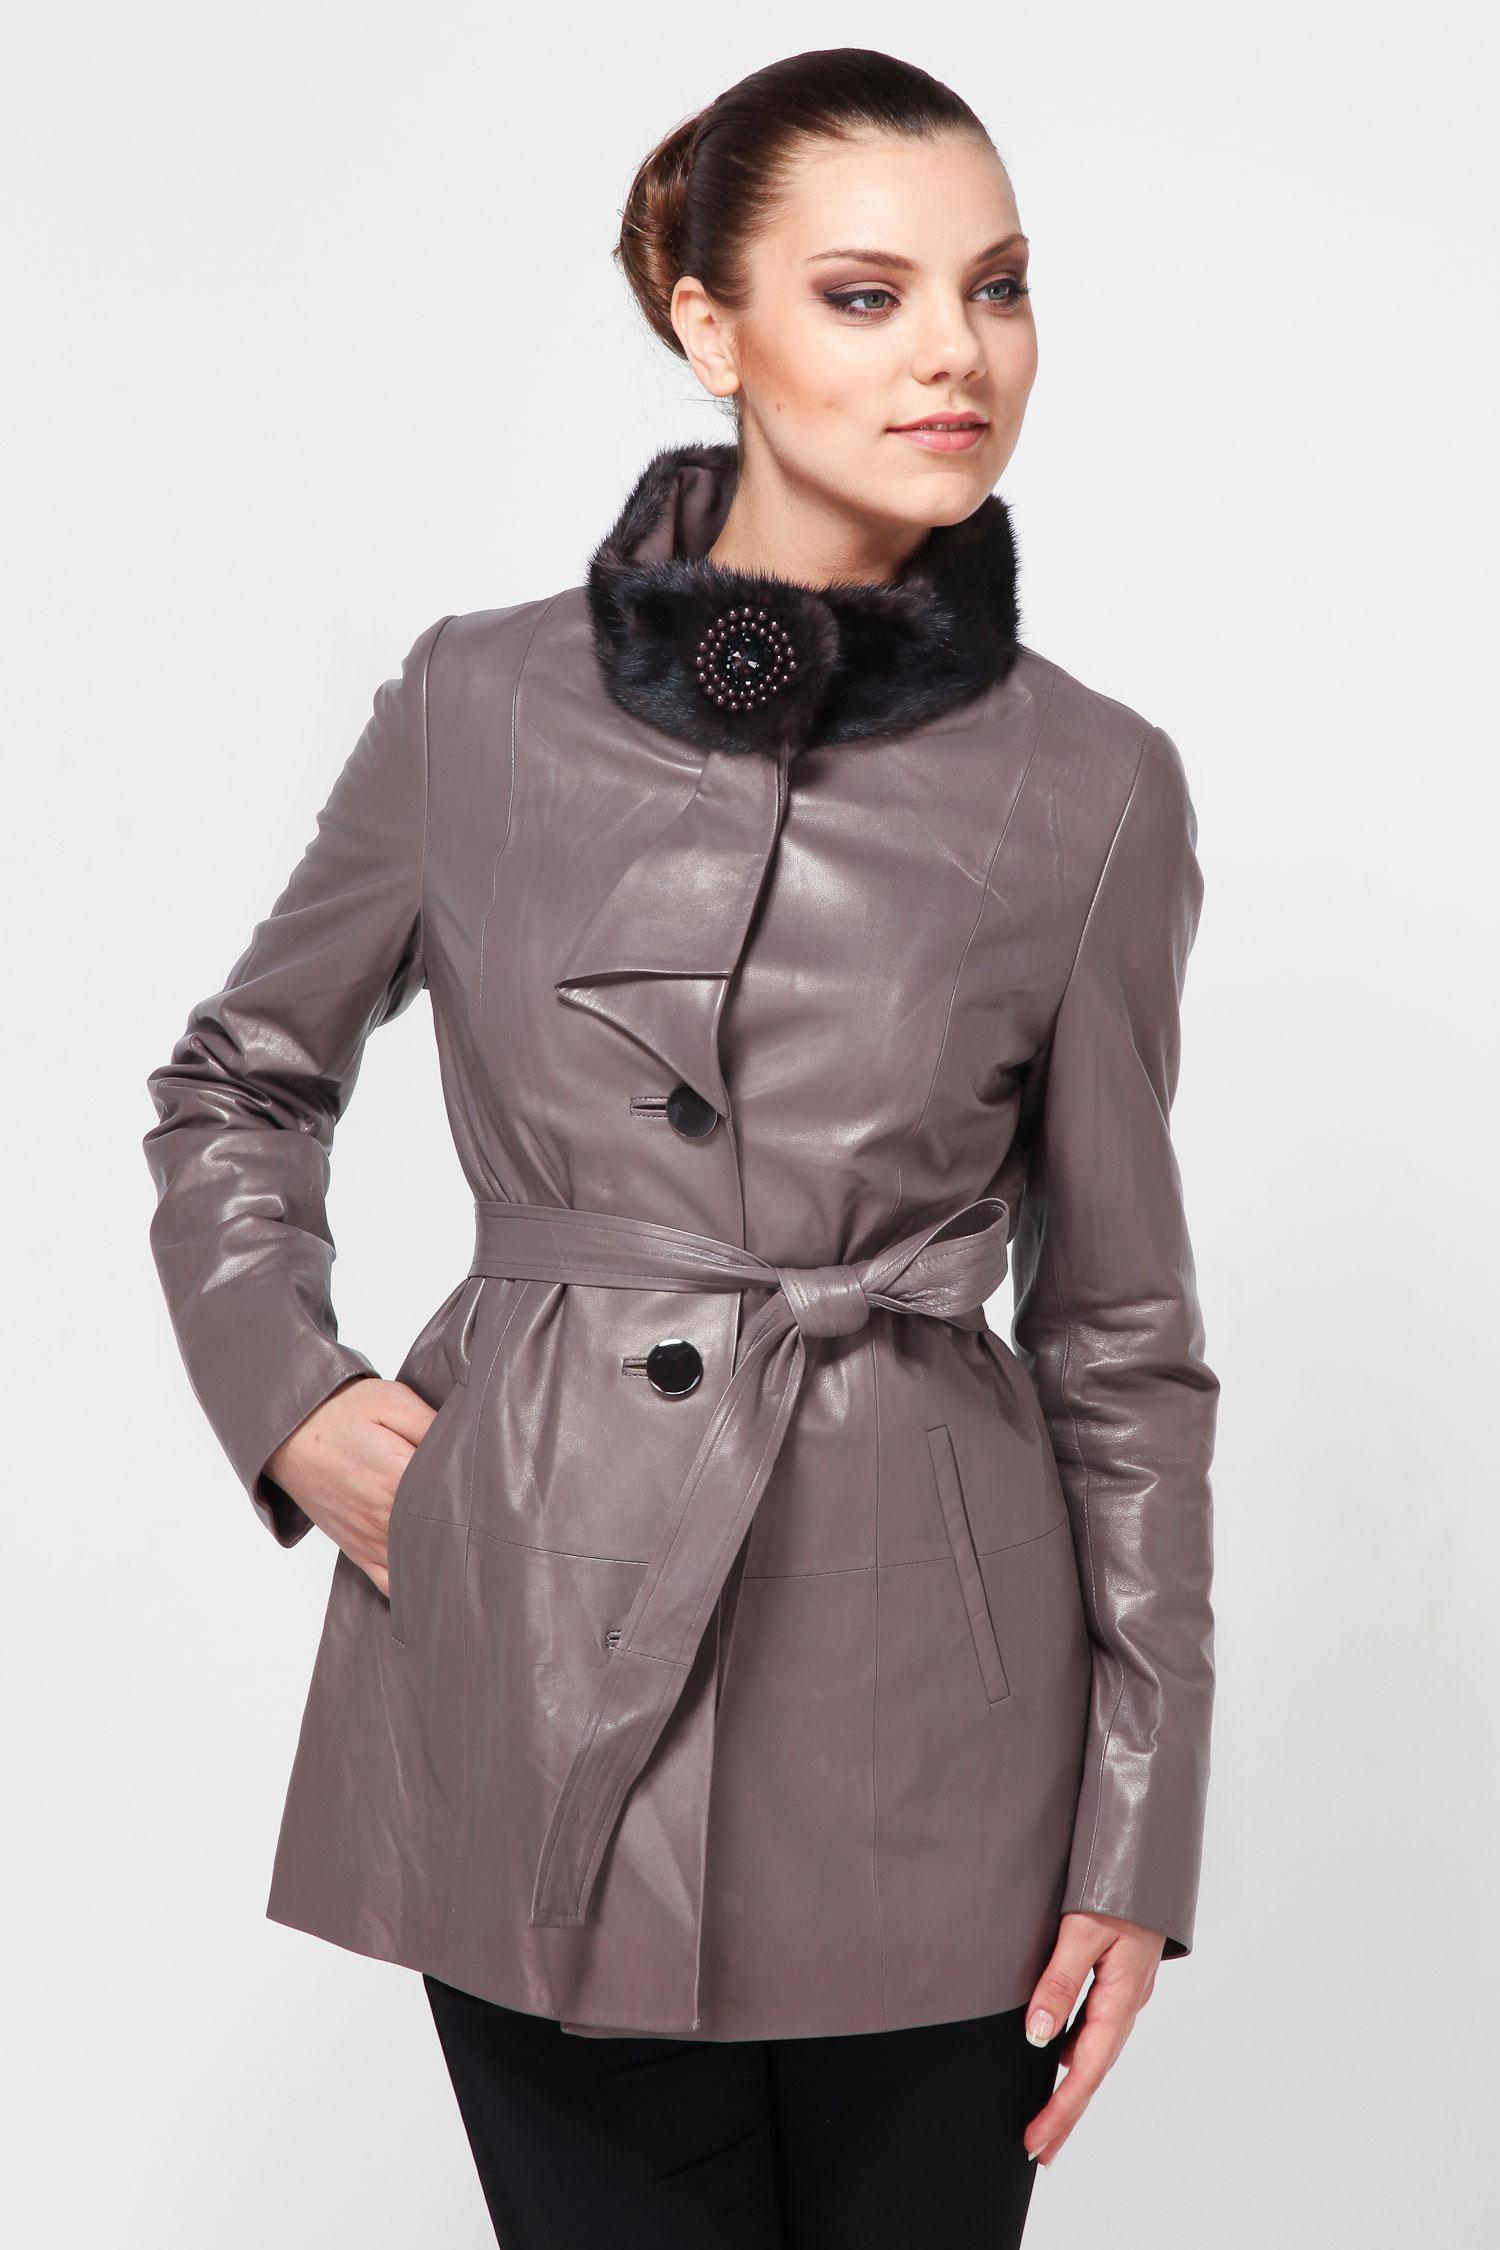 Женская кожаная куртка из натуральной кожи с воротником, отделка норкаОригинальная куртка станет незаменимой вещью в женском гардеробе. Изделие выполнено из натуральной кожи. Затегивается на стильные декоративные пуговицы. Украшением служит роскошный норковый воротник-стойка. Свободный покрой не стеснит движений и позволит чувствовать себя легко и комфортно в любой ситуации.<br><br>Воротник: стойка<br>Длина см: Короткая (51-74 )<br>Материал: Кожа овчина<br>Цвет: серый<br>Застежка: на пуговицы<br>Пол: Женский<br>Размер RU: 48